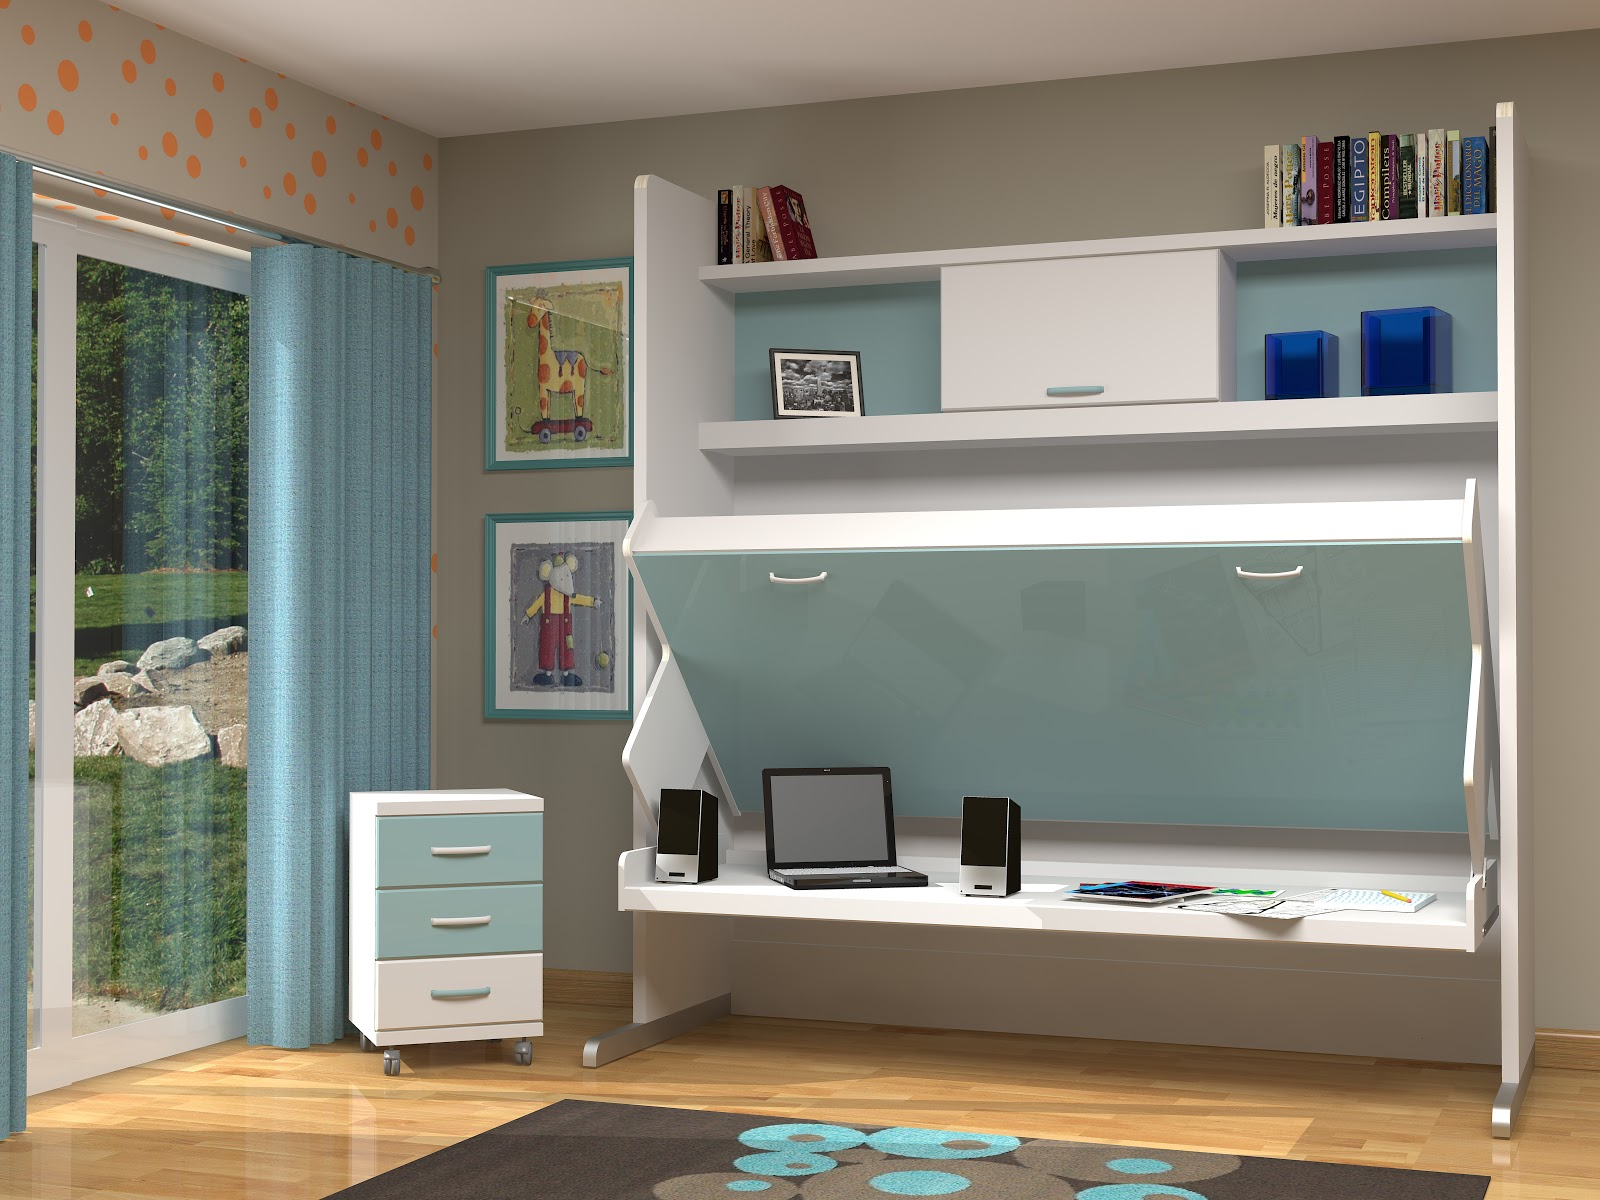 Muebles juveniles dormitorios infantiles y habitaciones - Muebles para habitacion ...